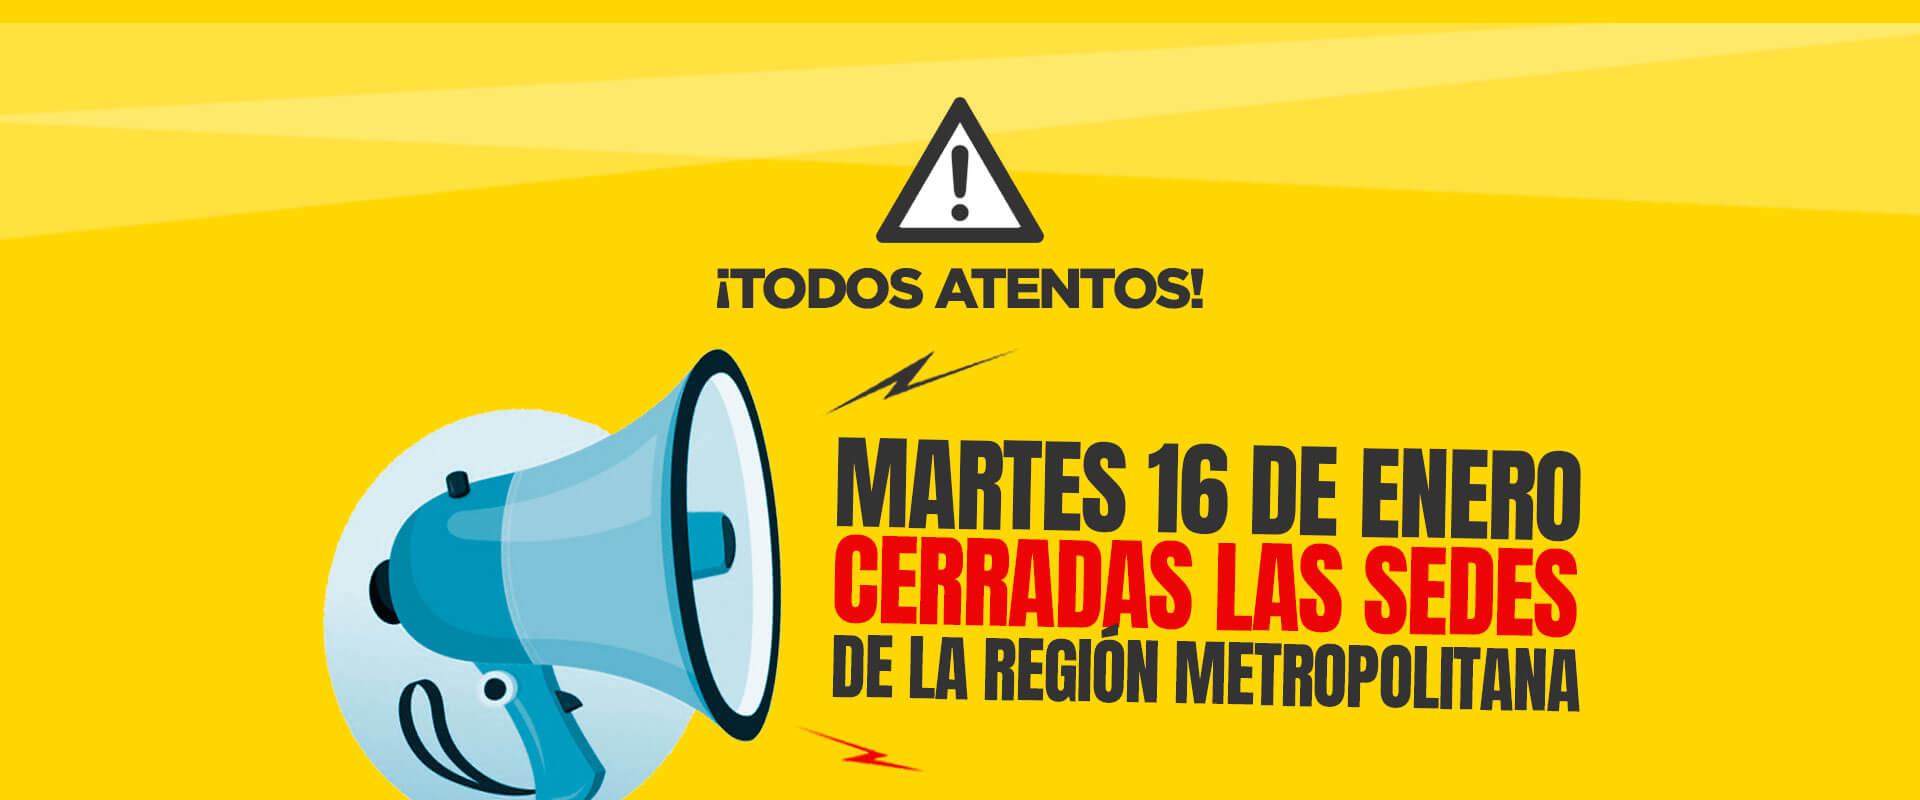 Martes 16 de enero cerradas las sedes de la región metropolitana